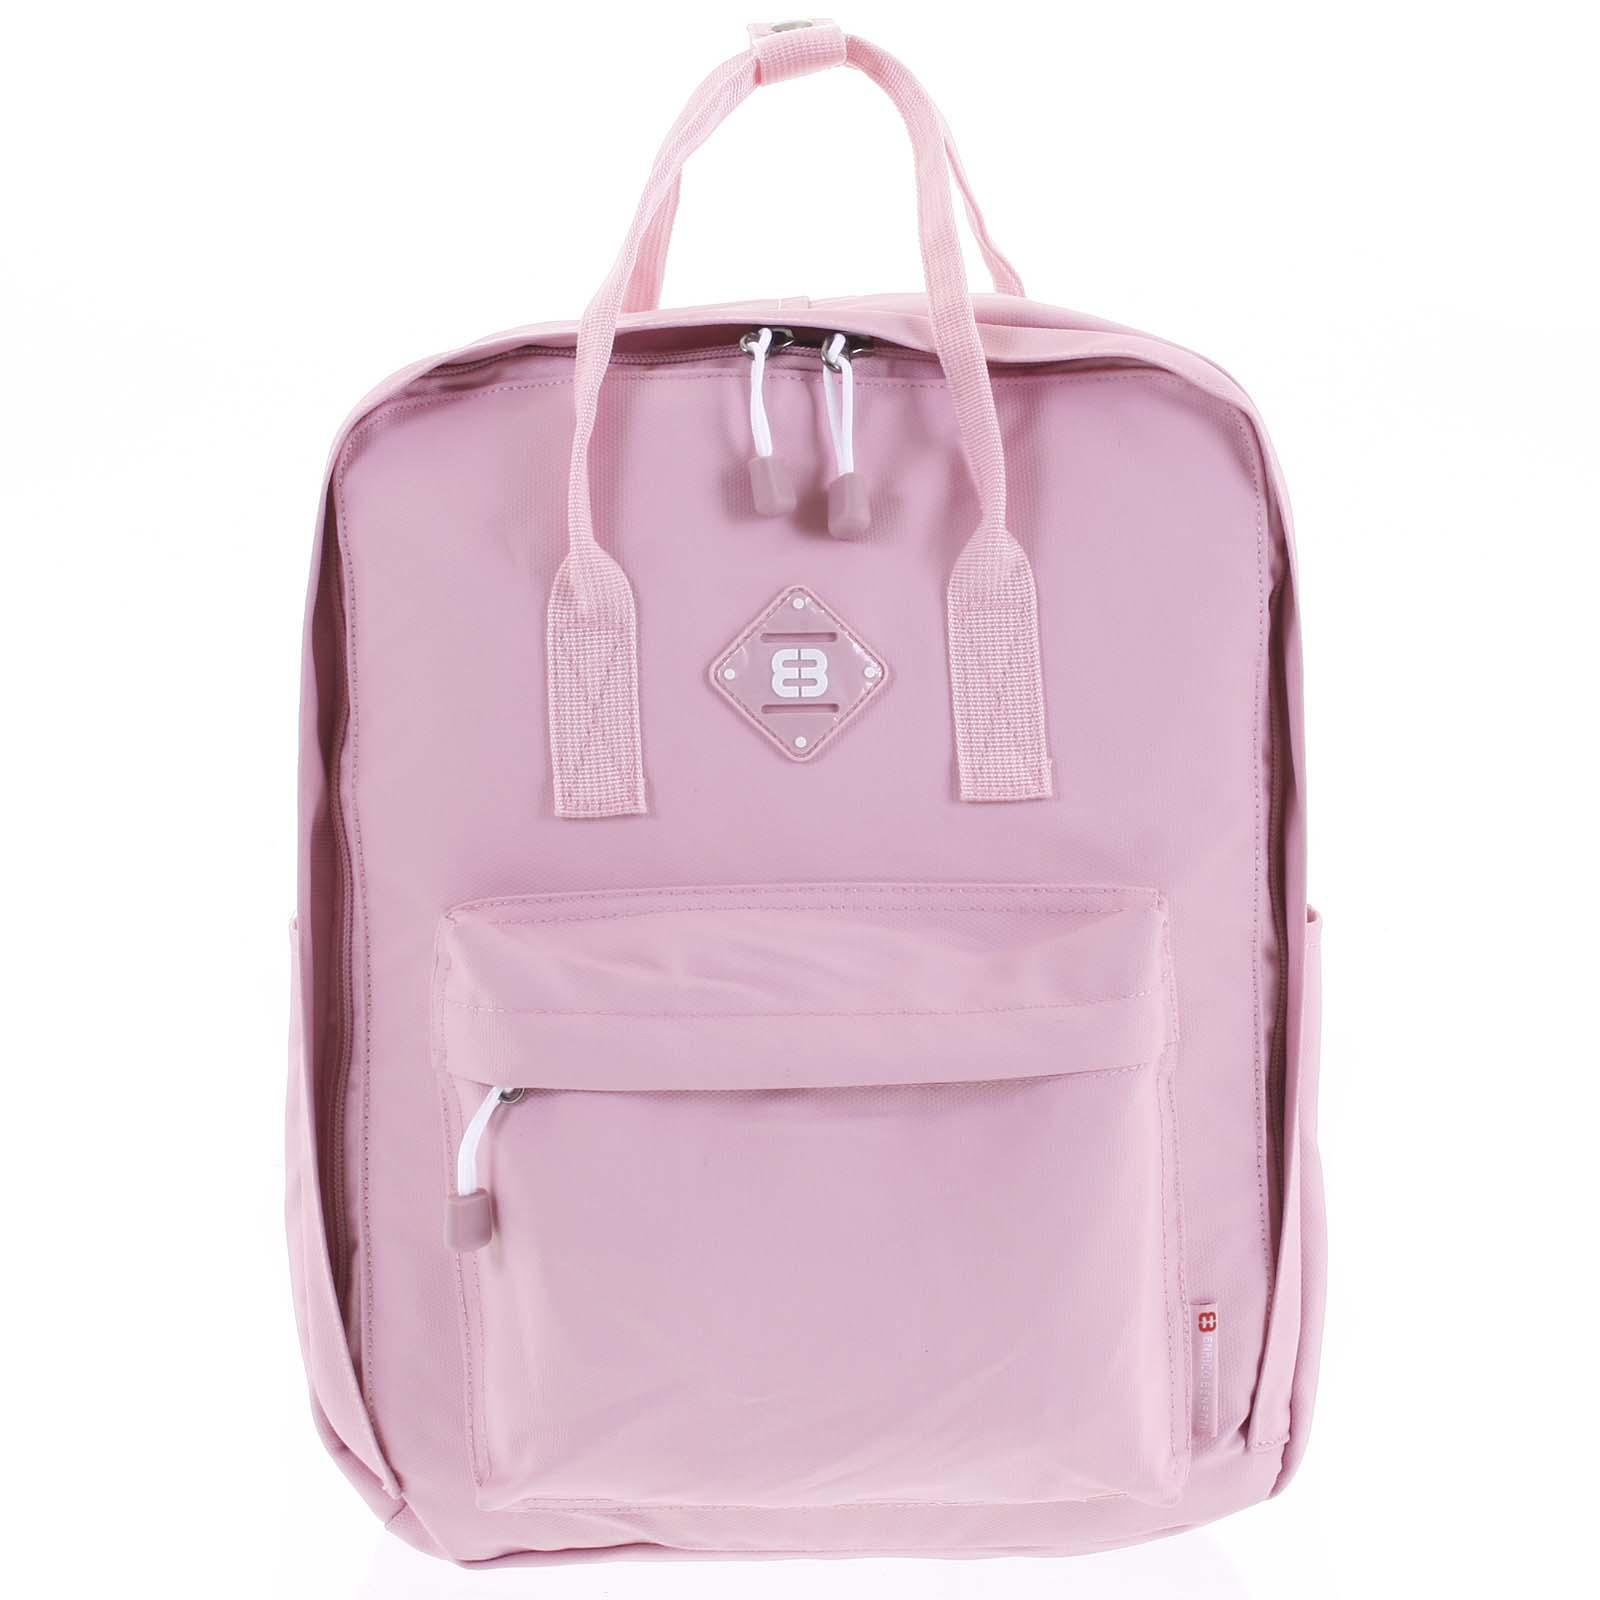 Vodeodolný batoh ružový - Enrico Benetti Vickey